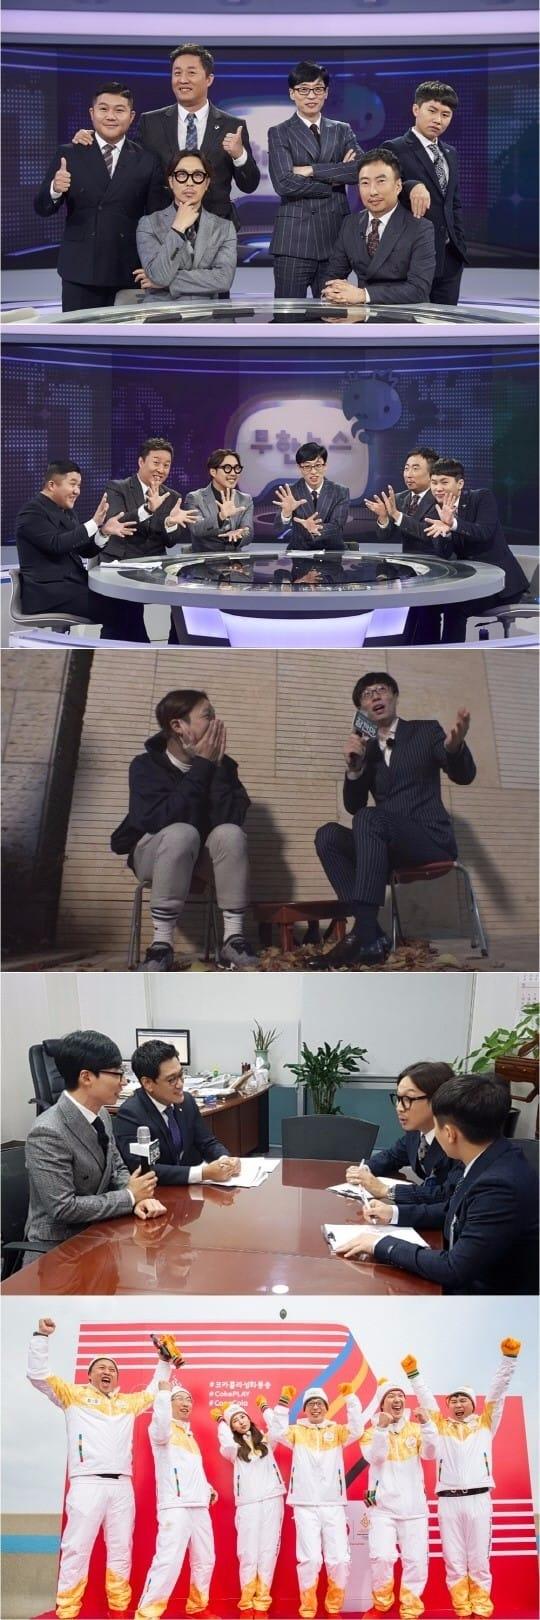 무한도전 12주 만에 방송 재개 / MBC '무한도전' 제공